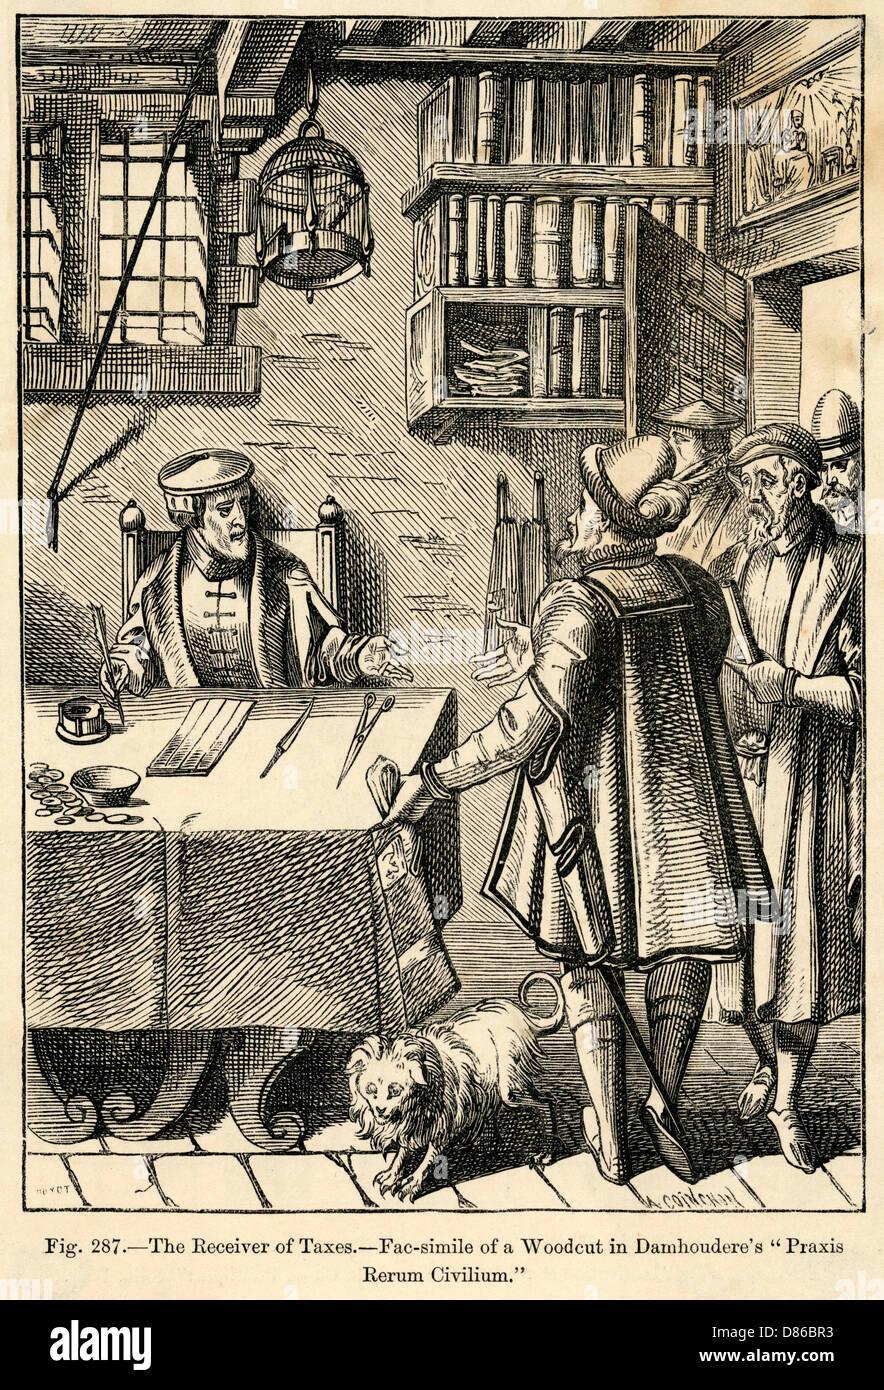 Der Empfänger der Steuern aus dem 16. Jahrhundert Stockbild